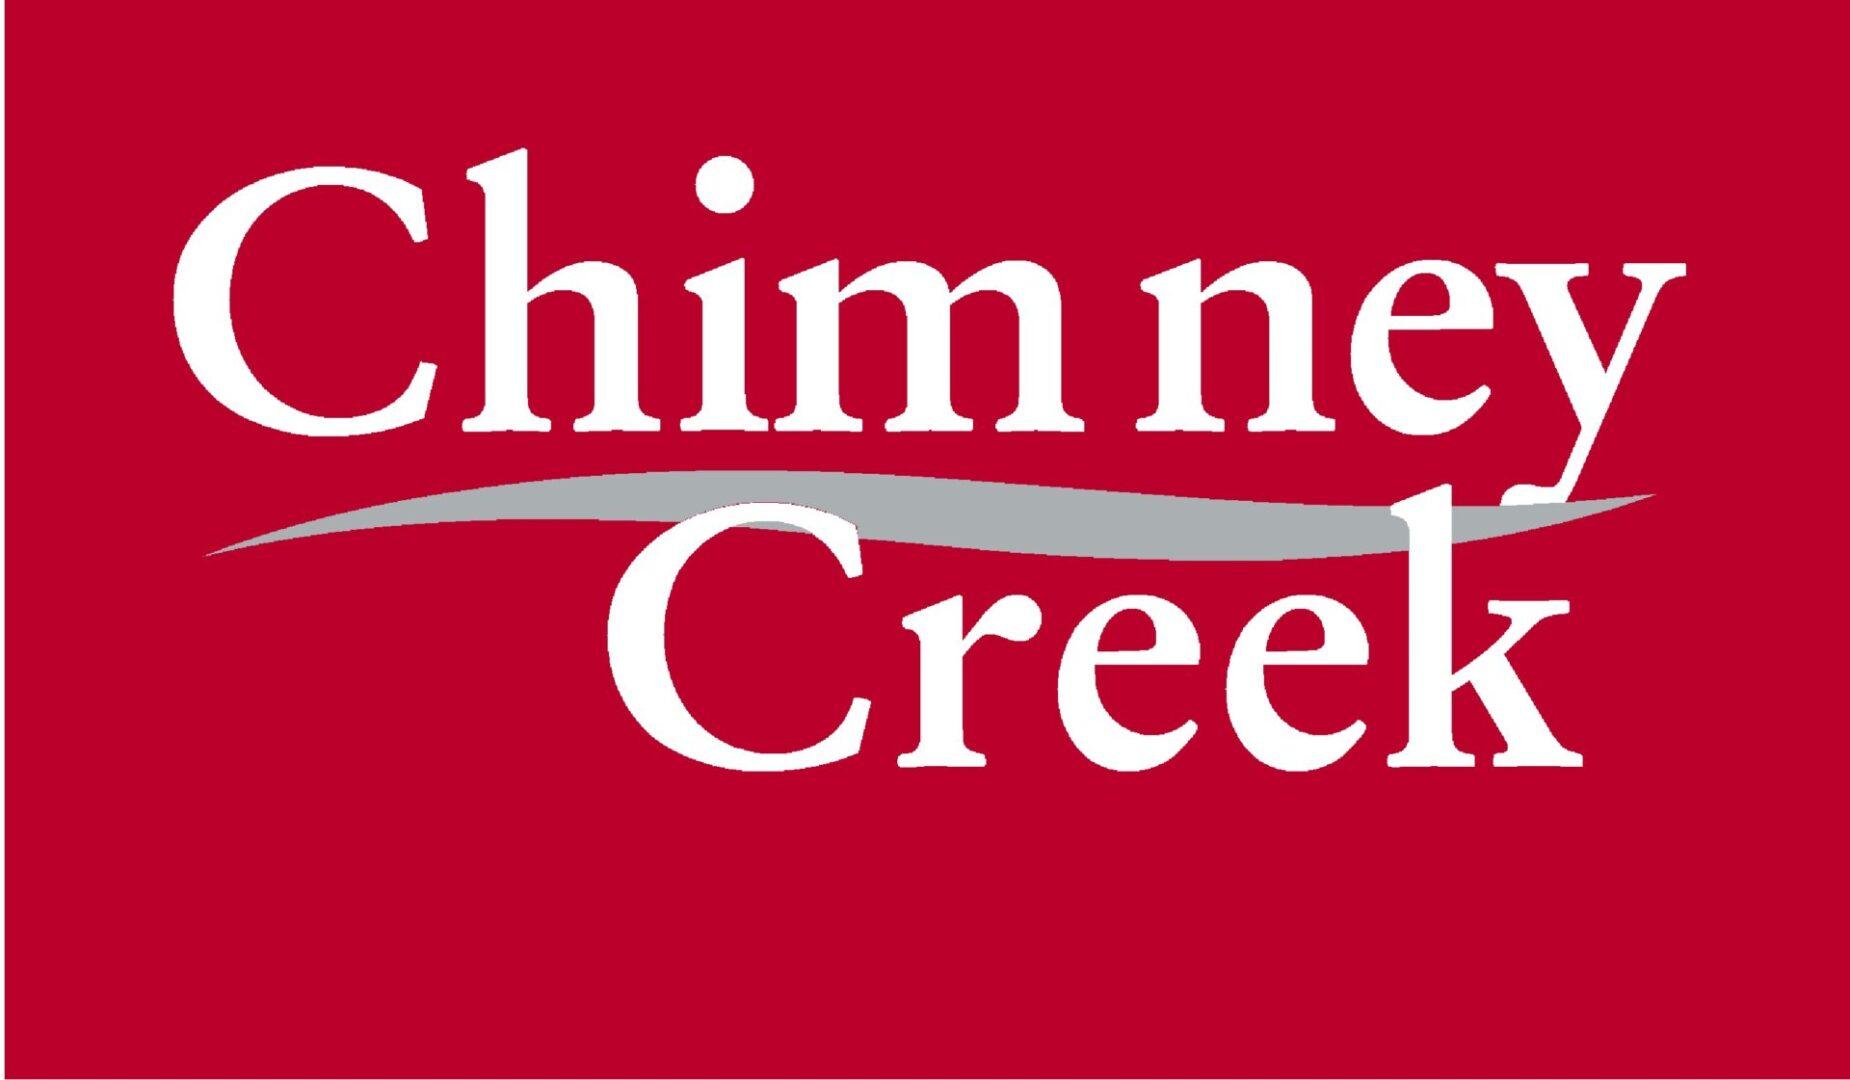 Chimney Creek